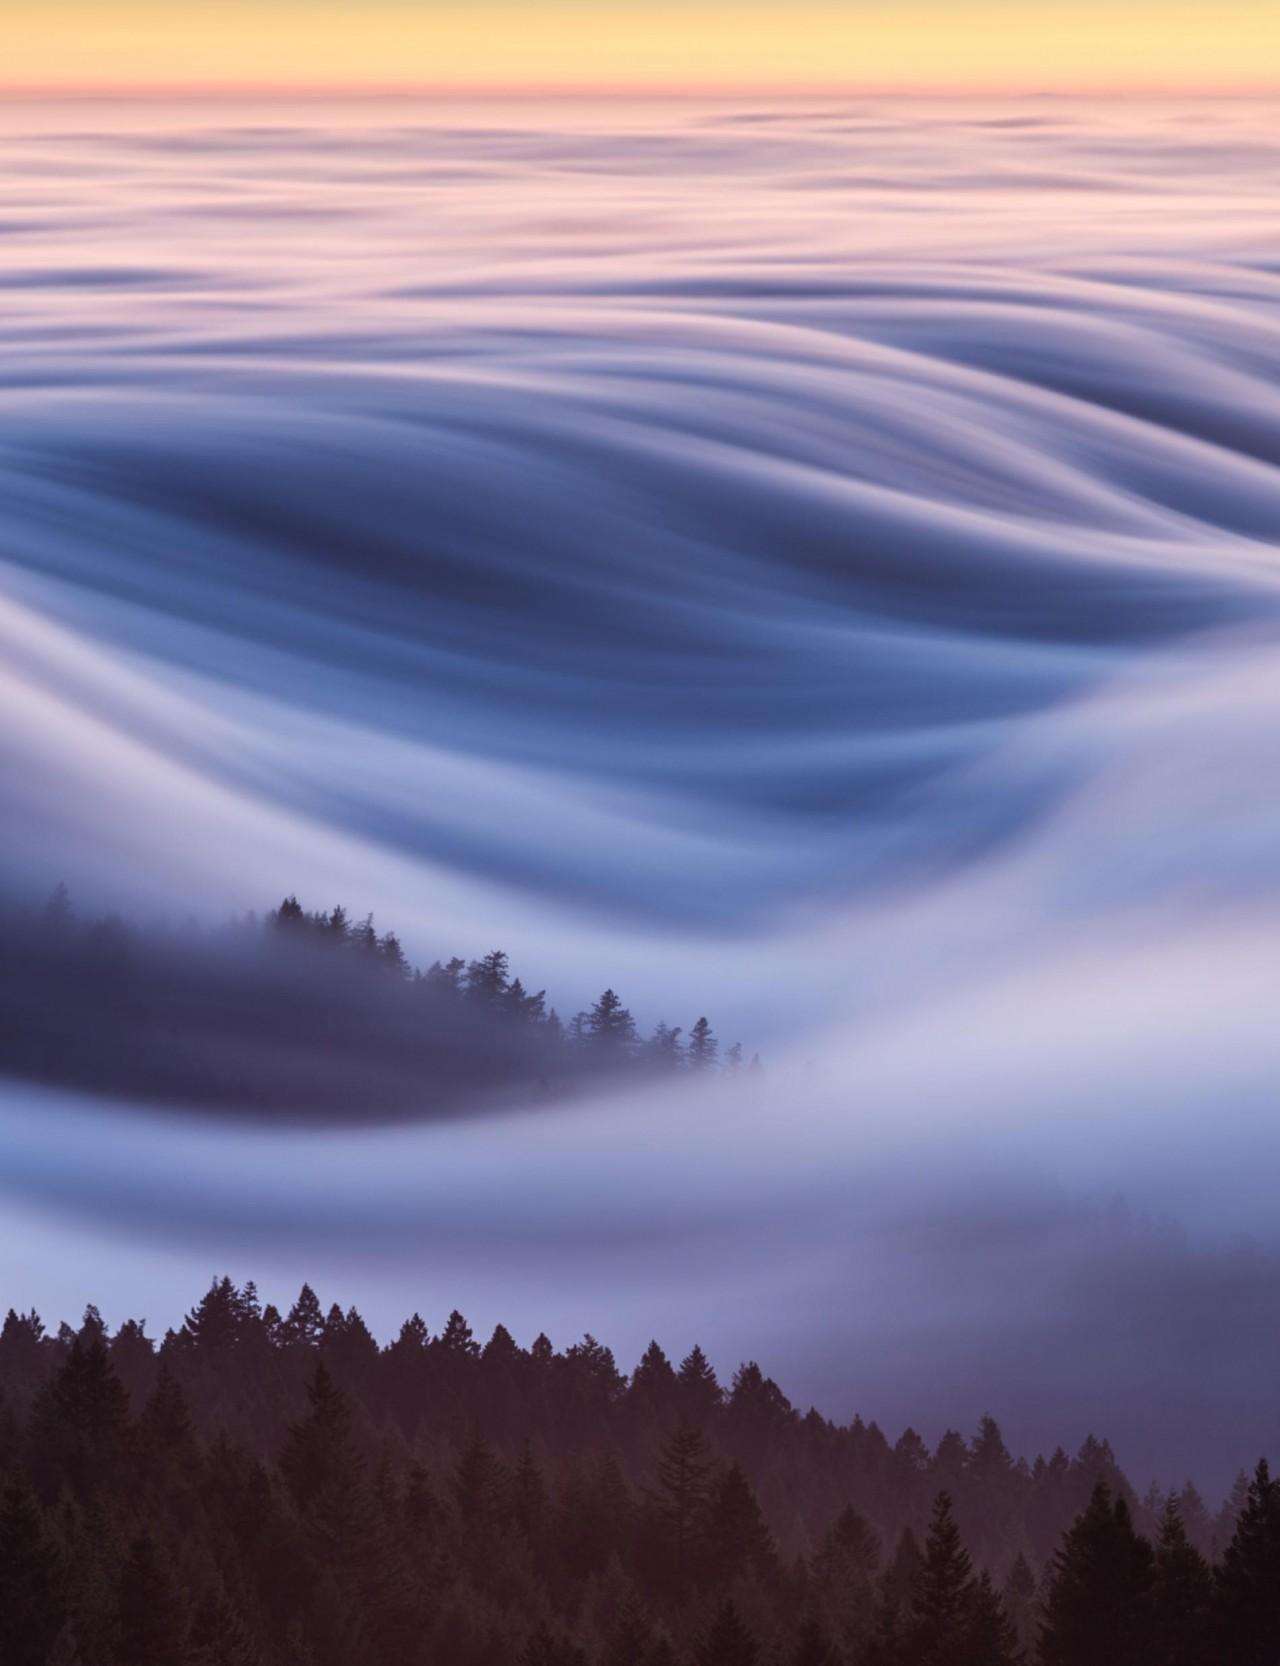 Волны тумана укрывают гору Тамальпайс в округе Марин, Калифорния. Автор Дэвид Одишо